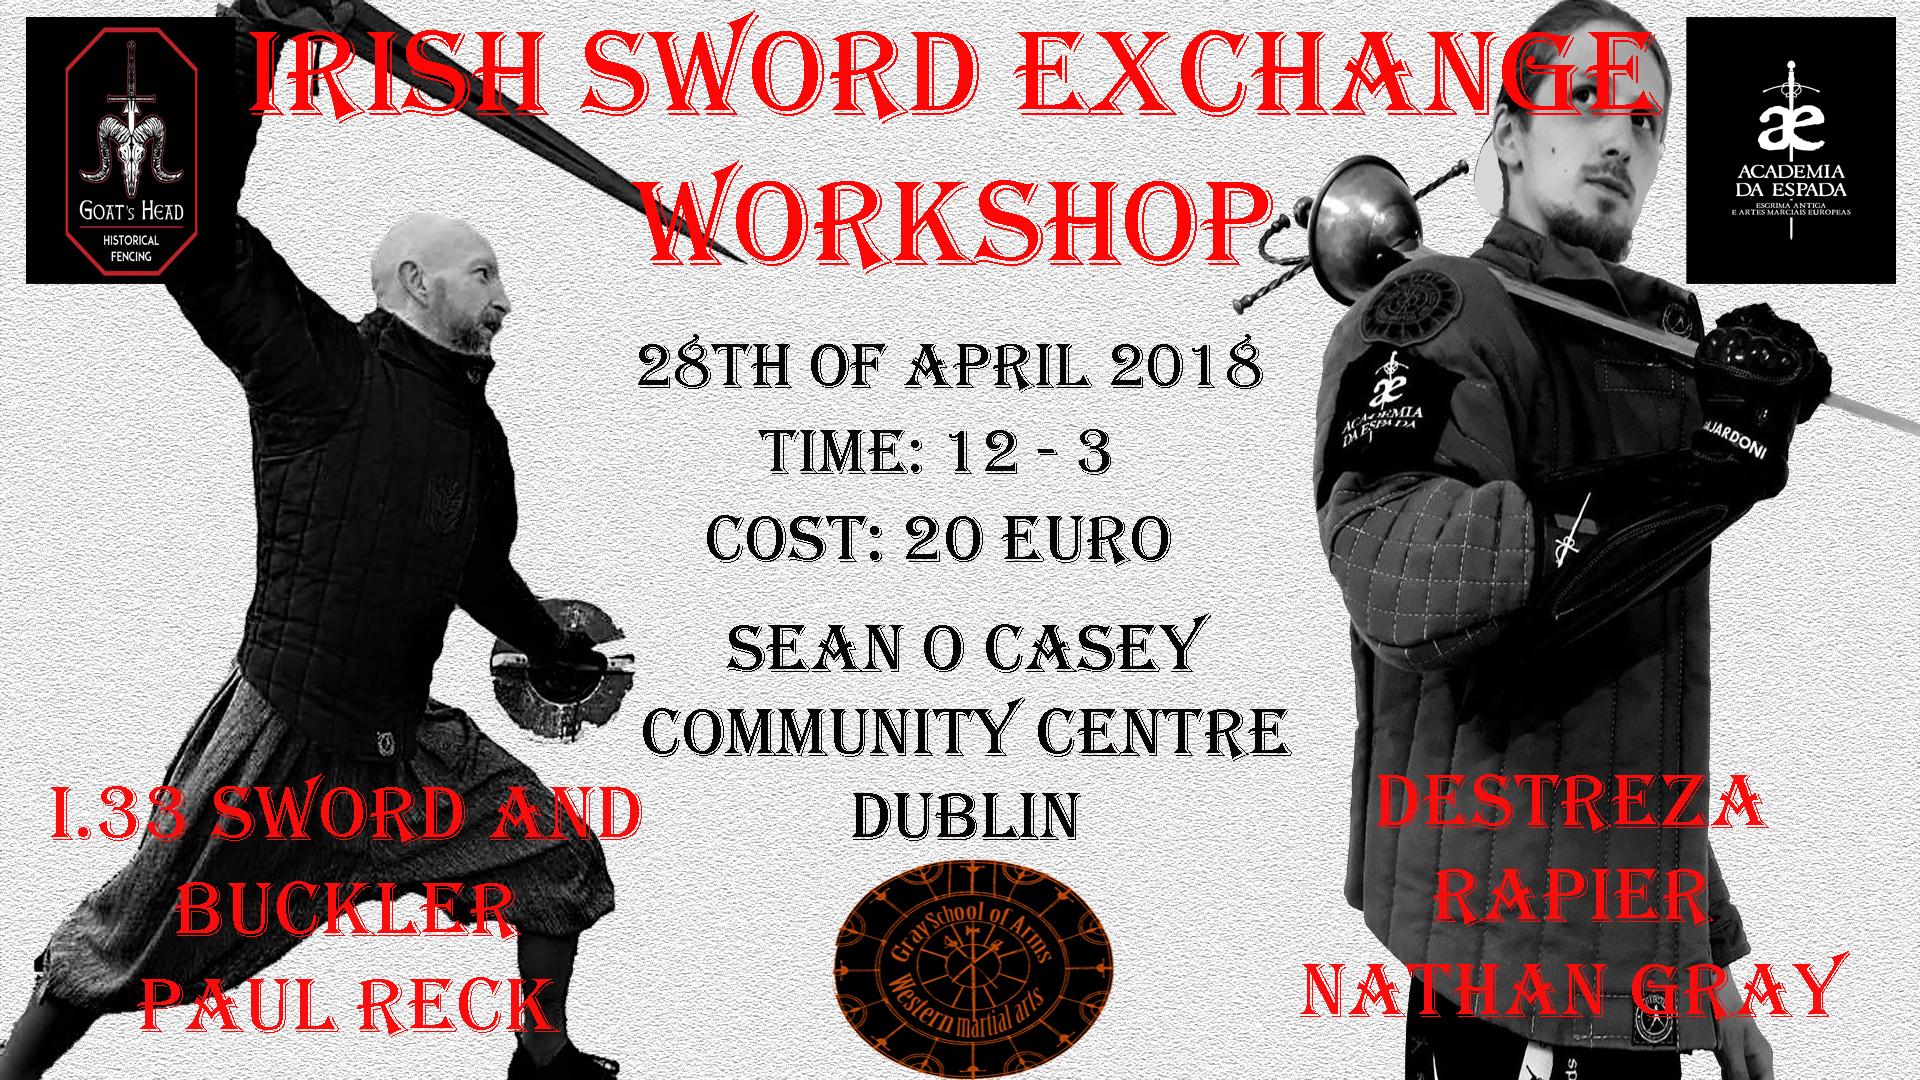 Sword exchange workshop paul.jpg